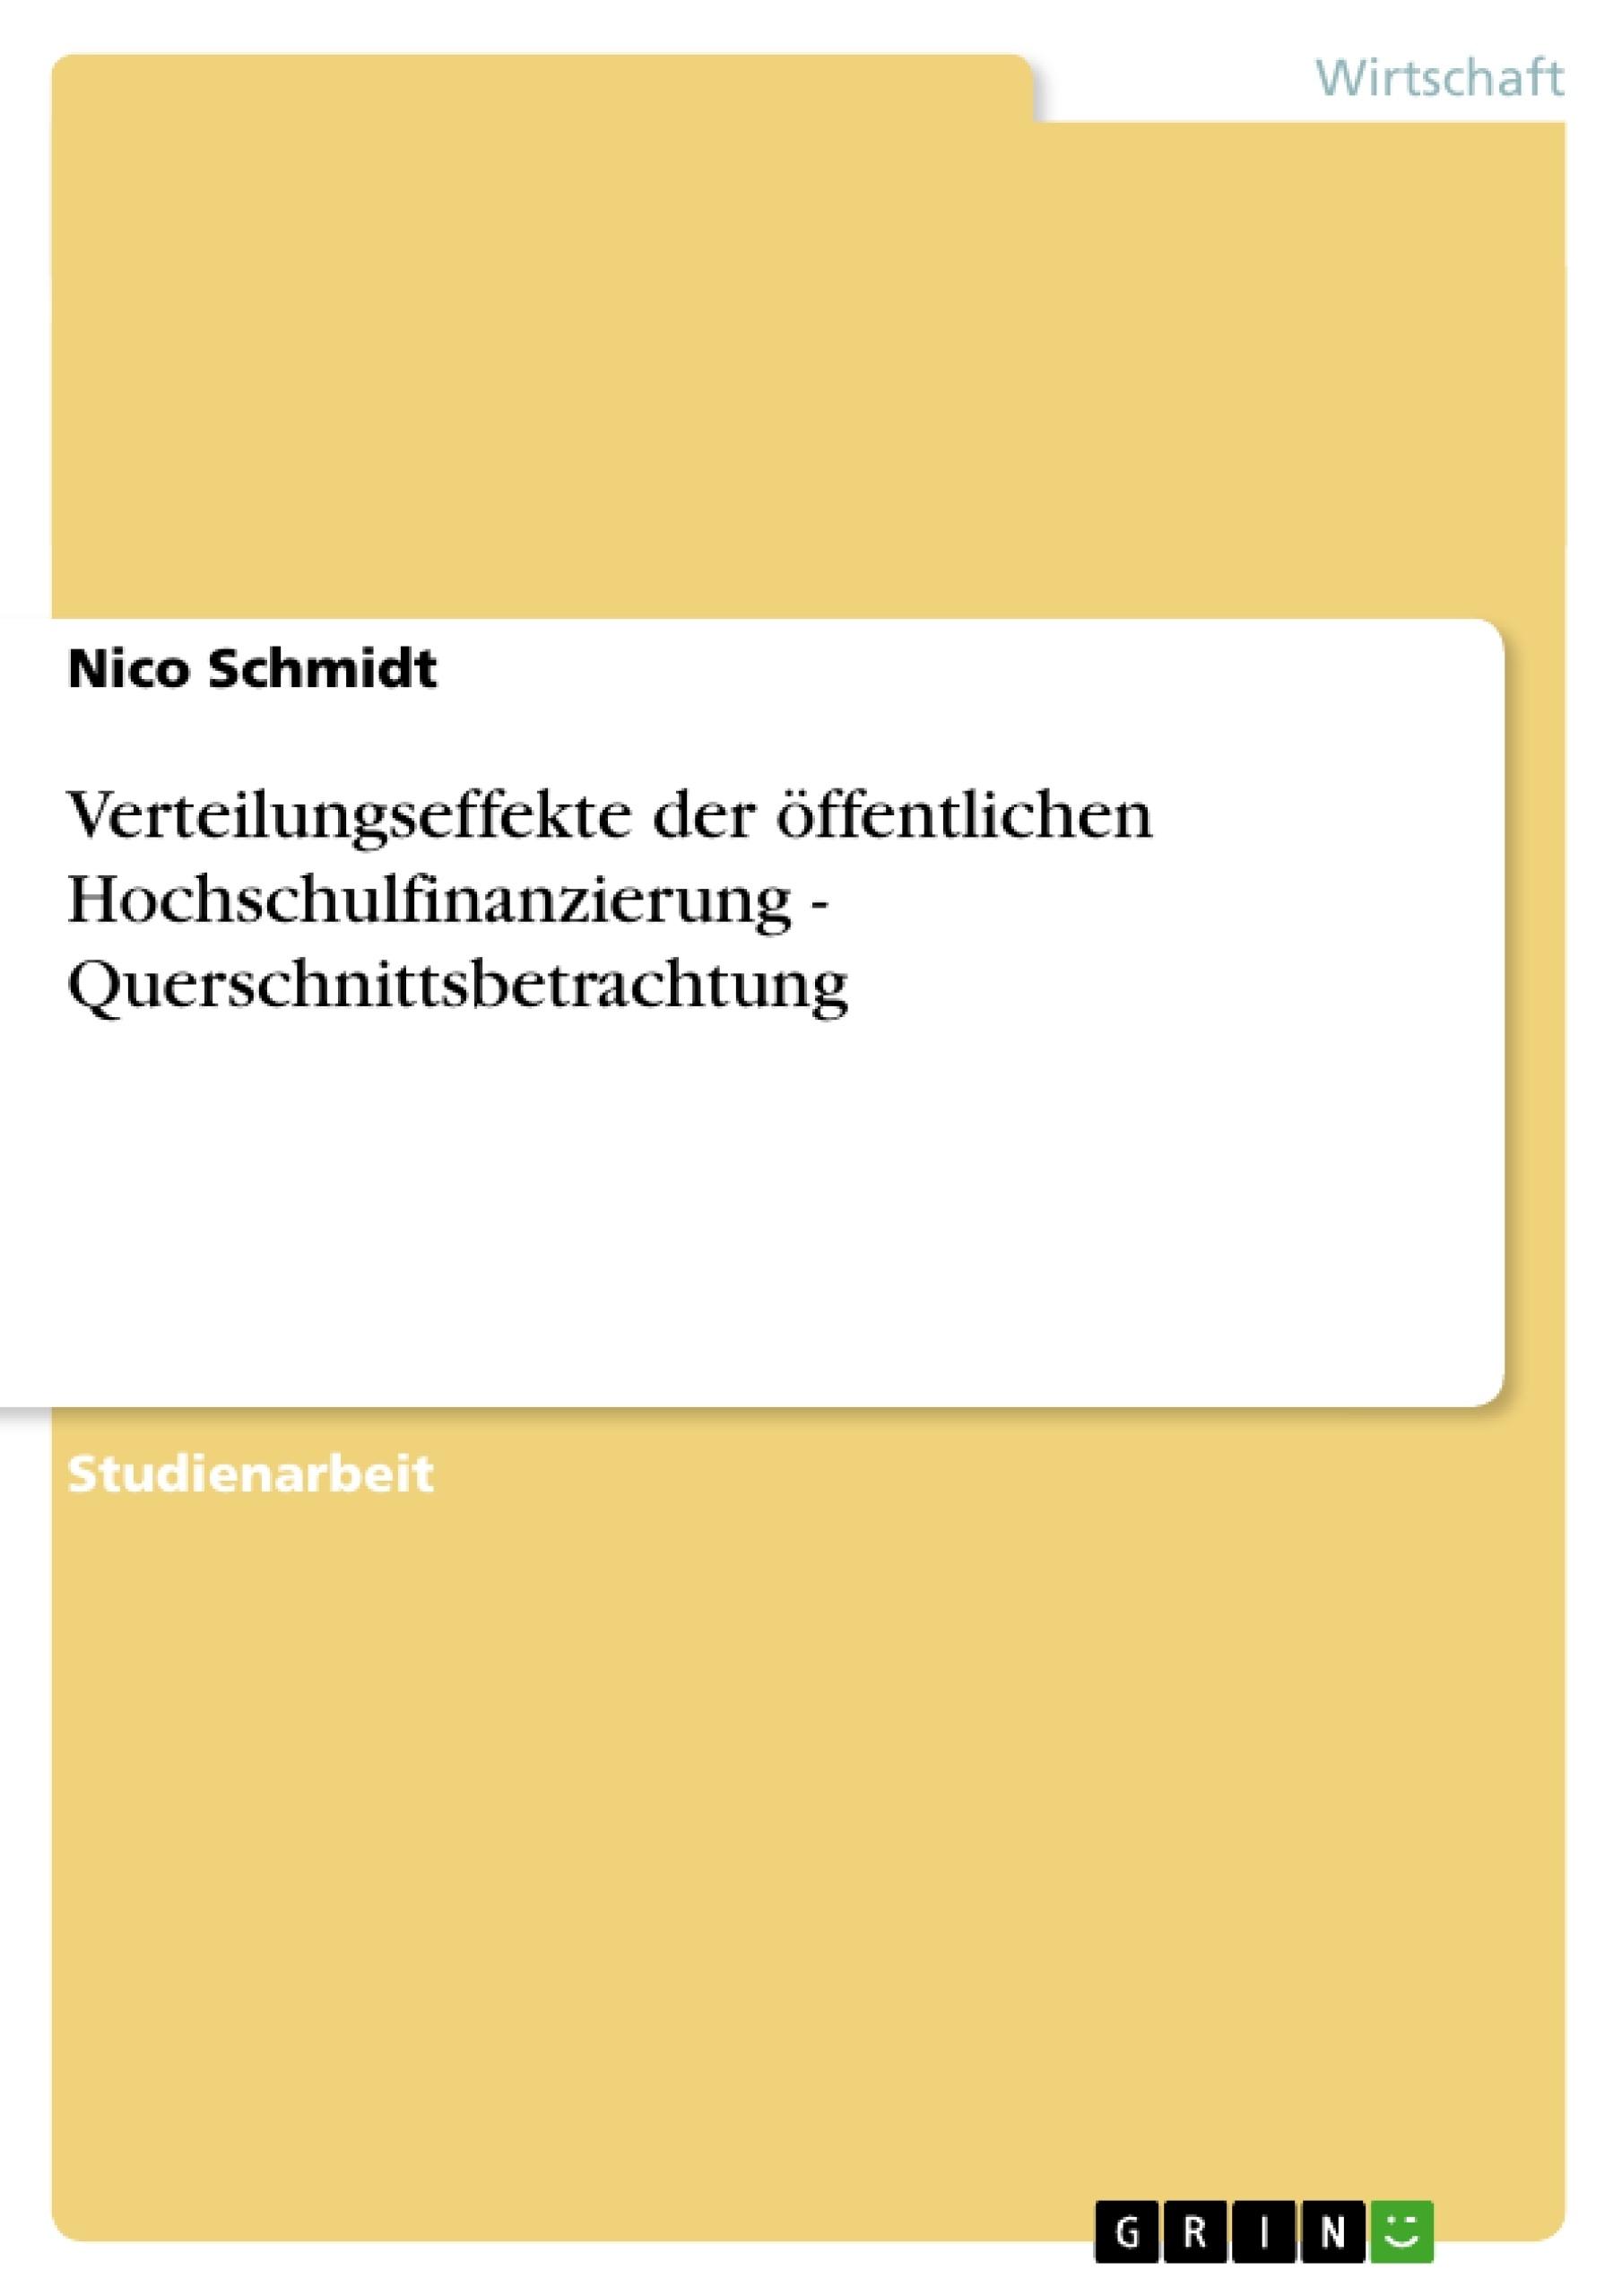 Titel: Verteilungseffekte der öffentlichen Hochschulfinanzierung - Querschnittsbetrachtung